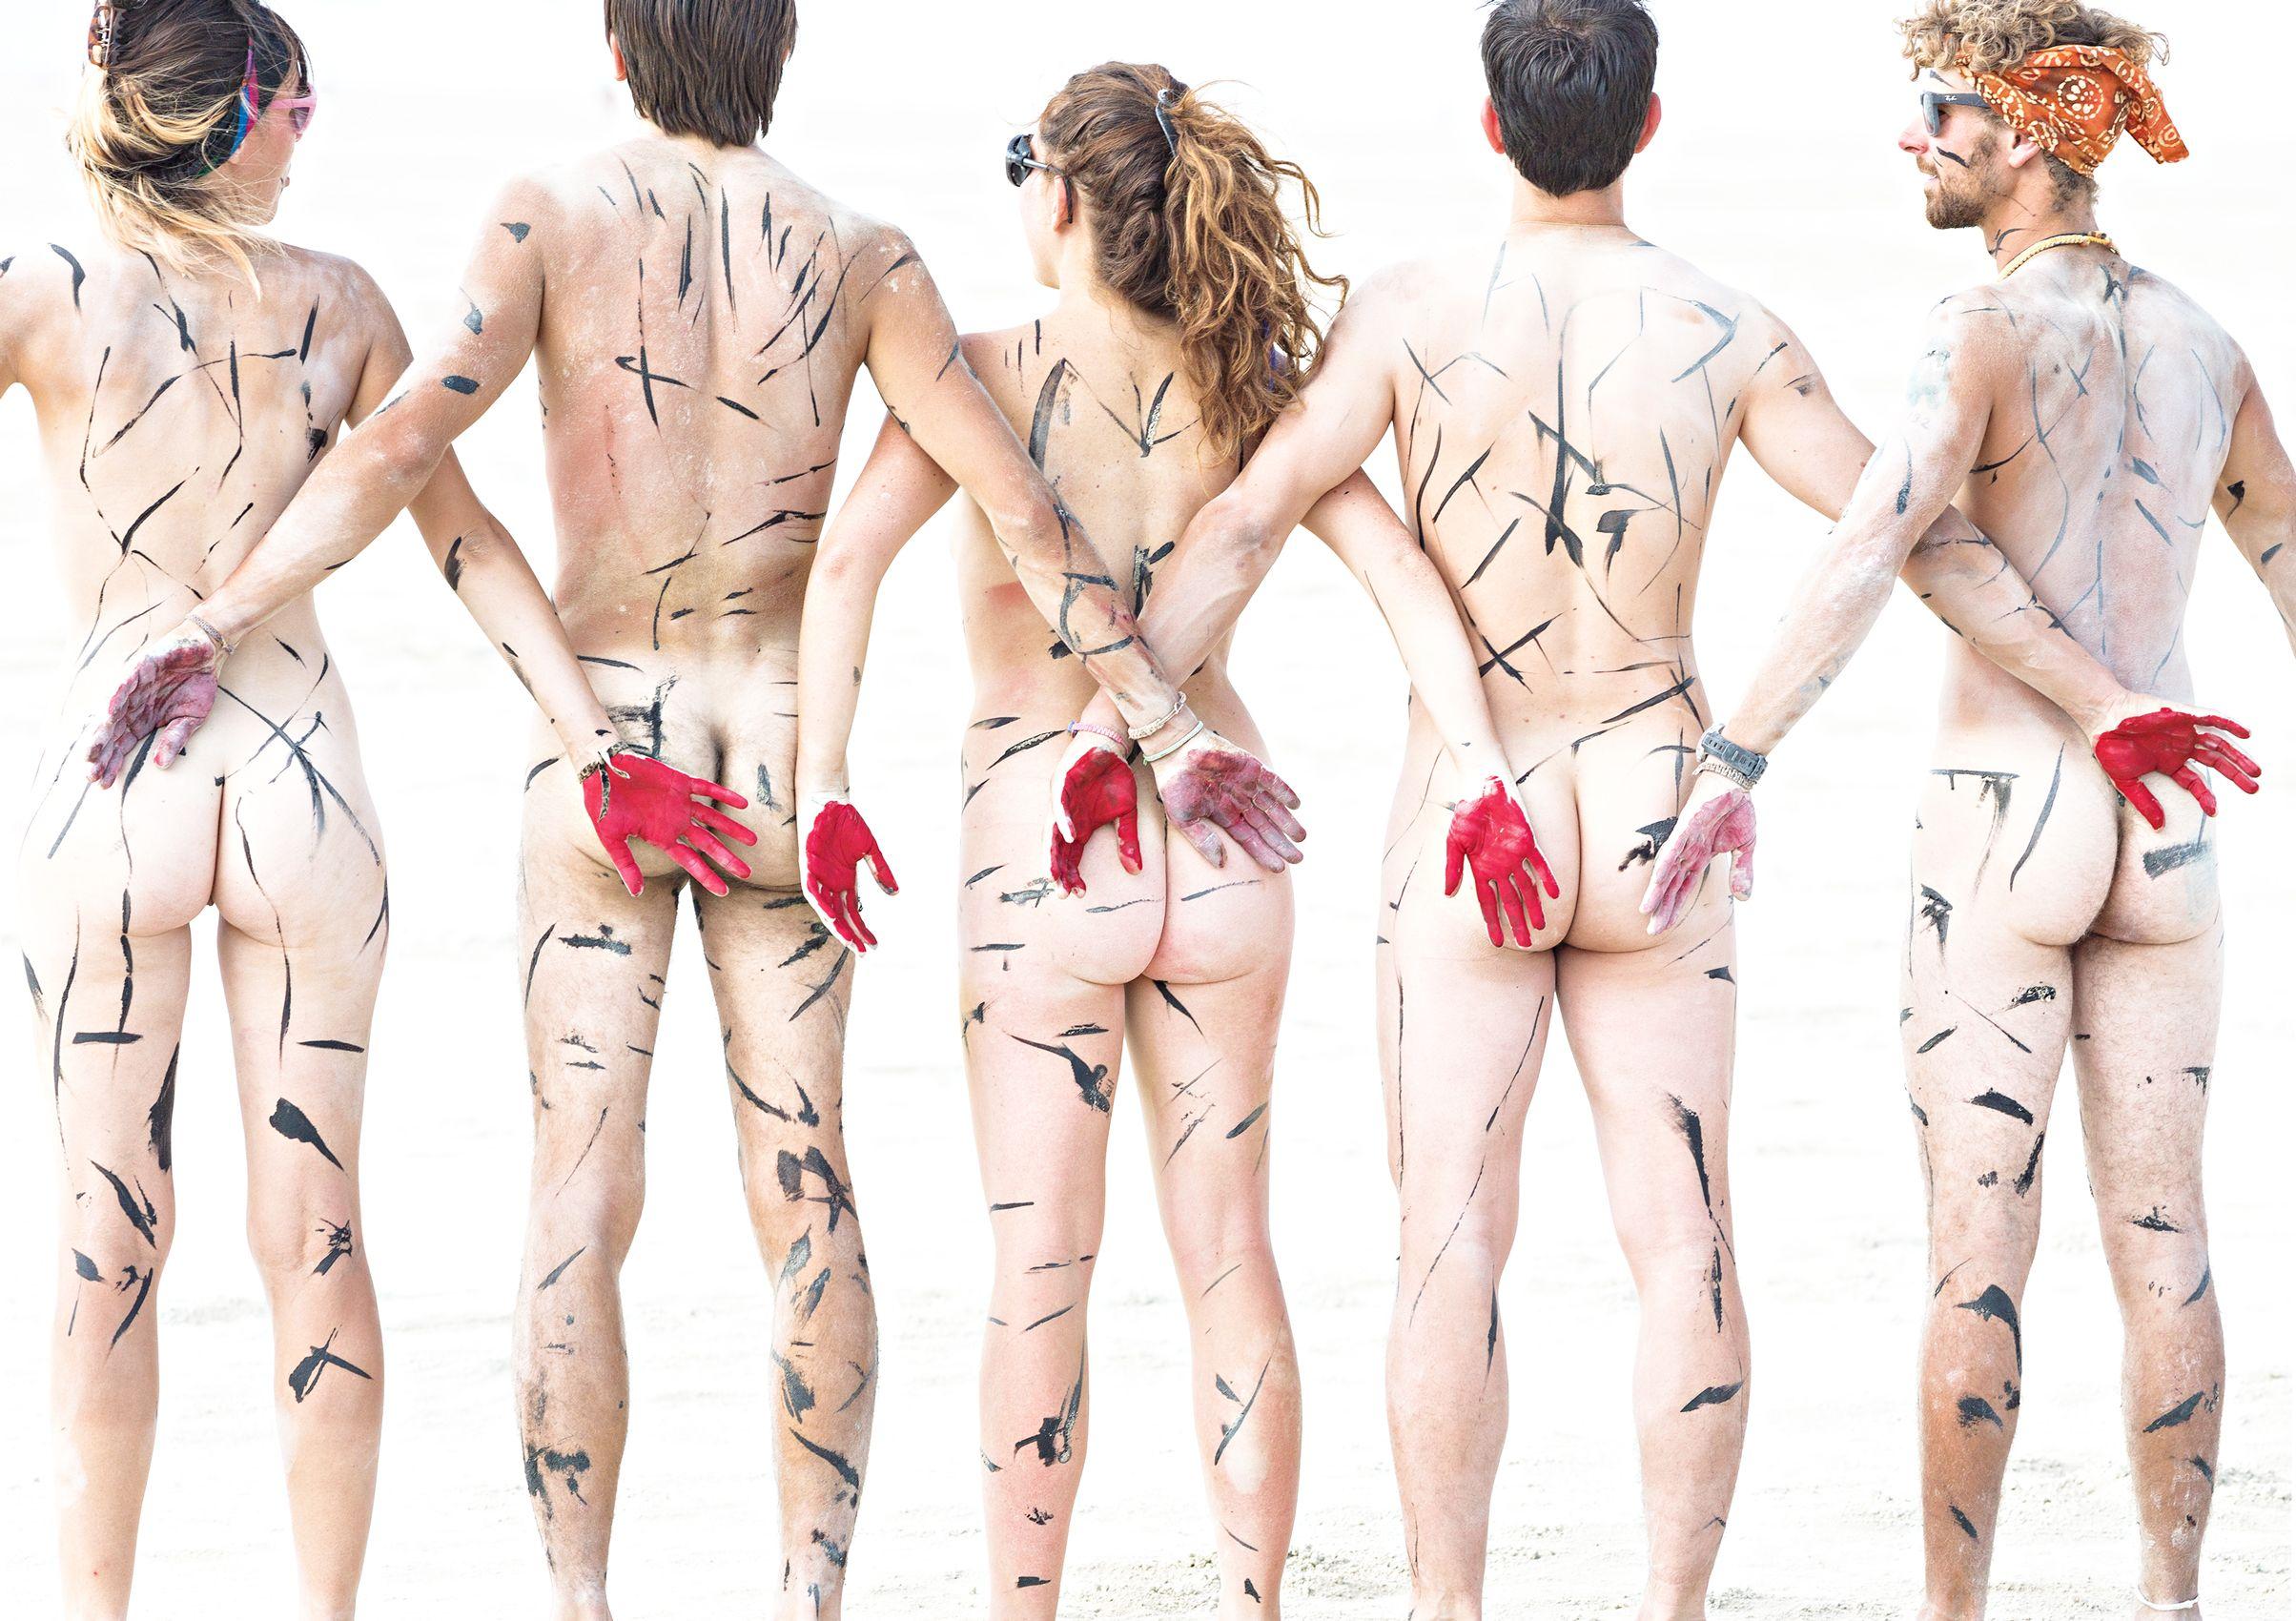 Five Nudes